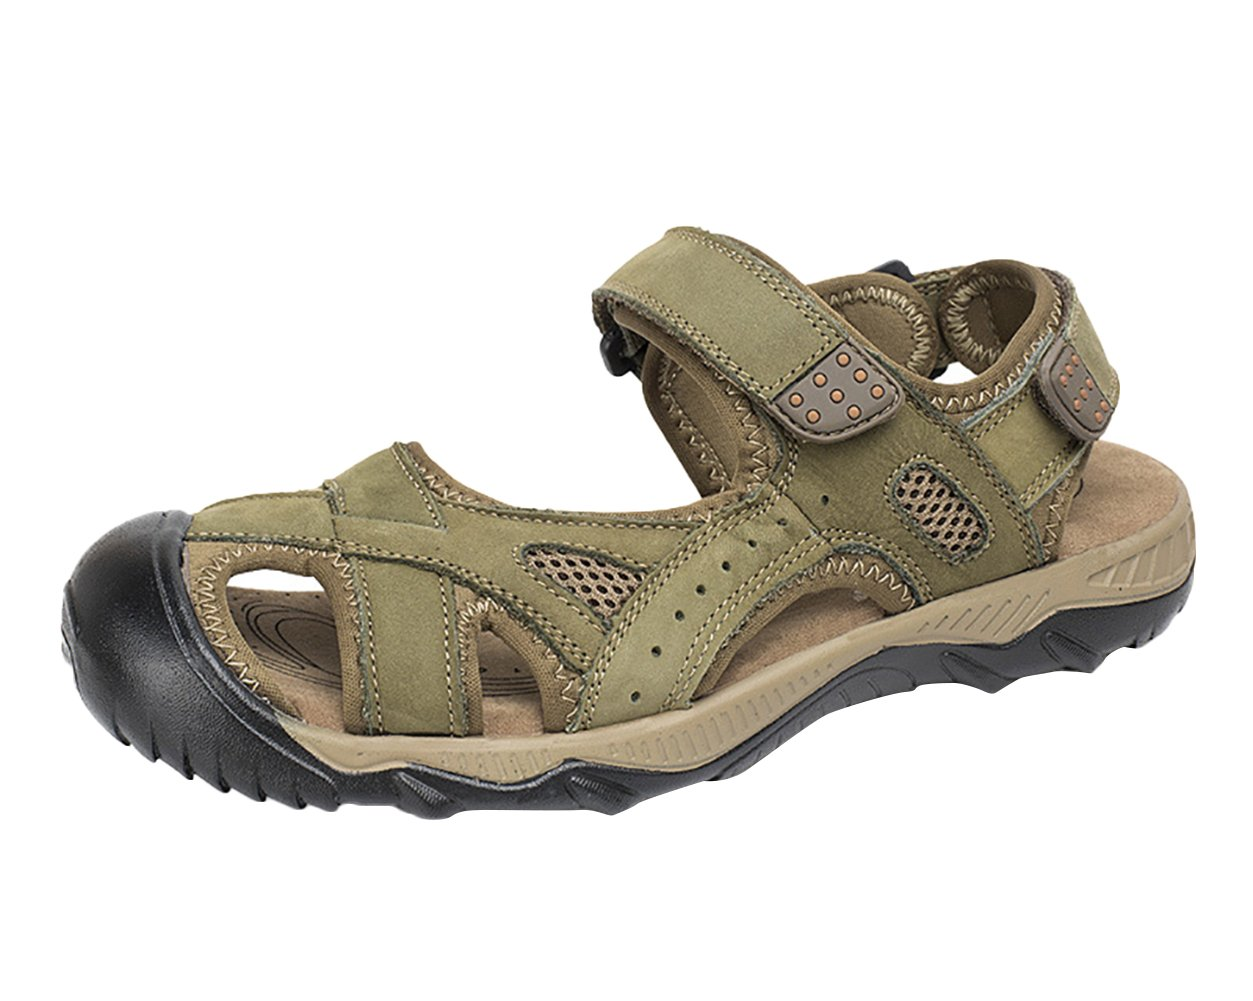 SK Studio Sandalias Hombre Montaña de Cuero Outdoor Transpirables Zapatos Con Velcro 41 EU Verde caqui